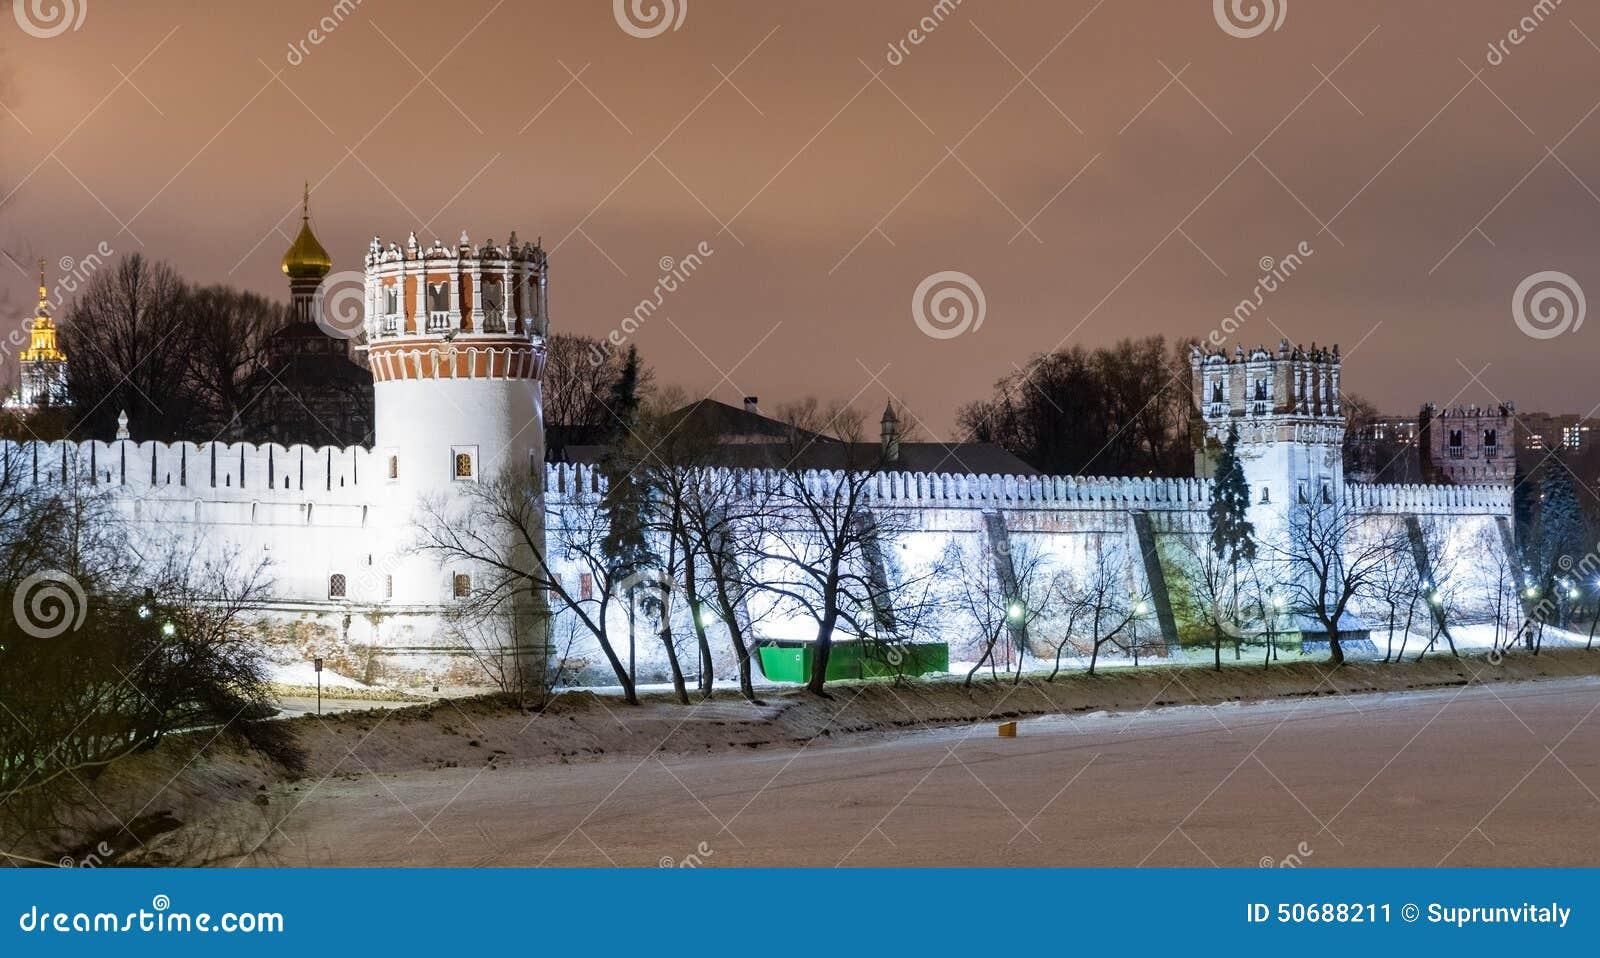 Download 女修道院莫斯科novodevichiy俄国 俄国 库存图片. 图片 包括有 堡垒, 俄国, 不列塔尼的, 资本 - 50688211